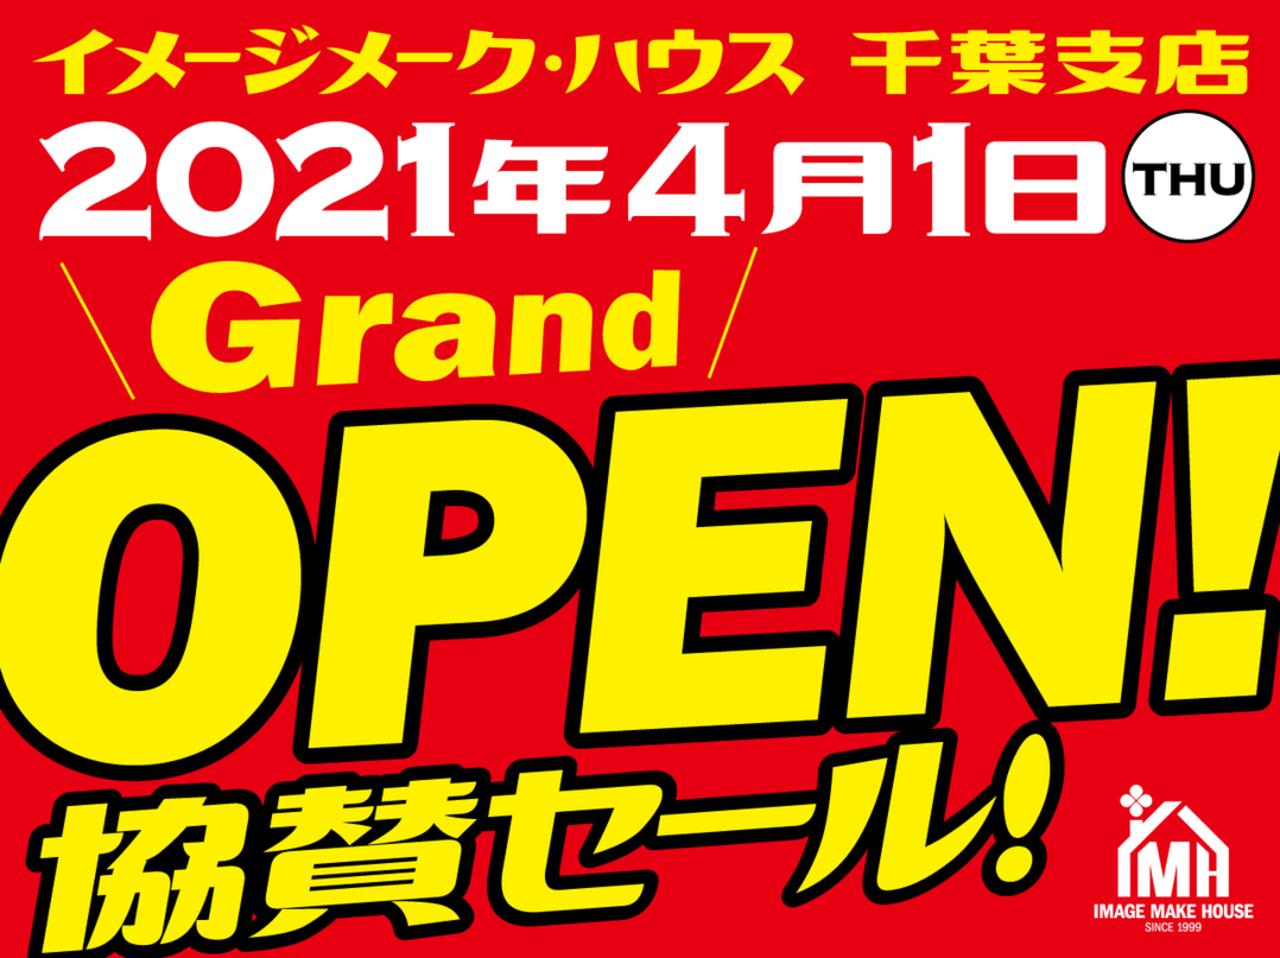 千葉支店オープンを記念して、協賛セール開催中!